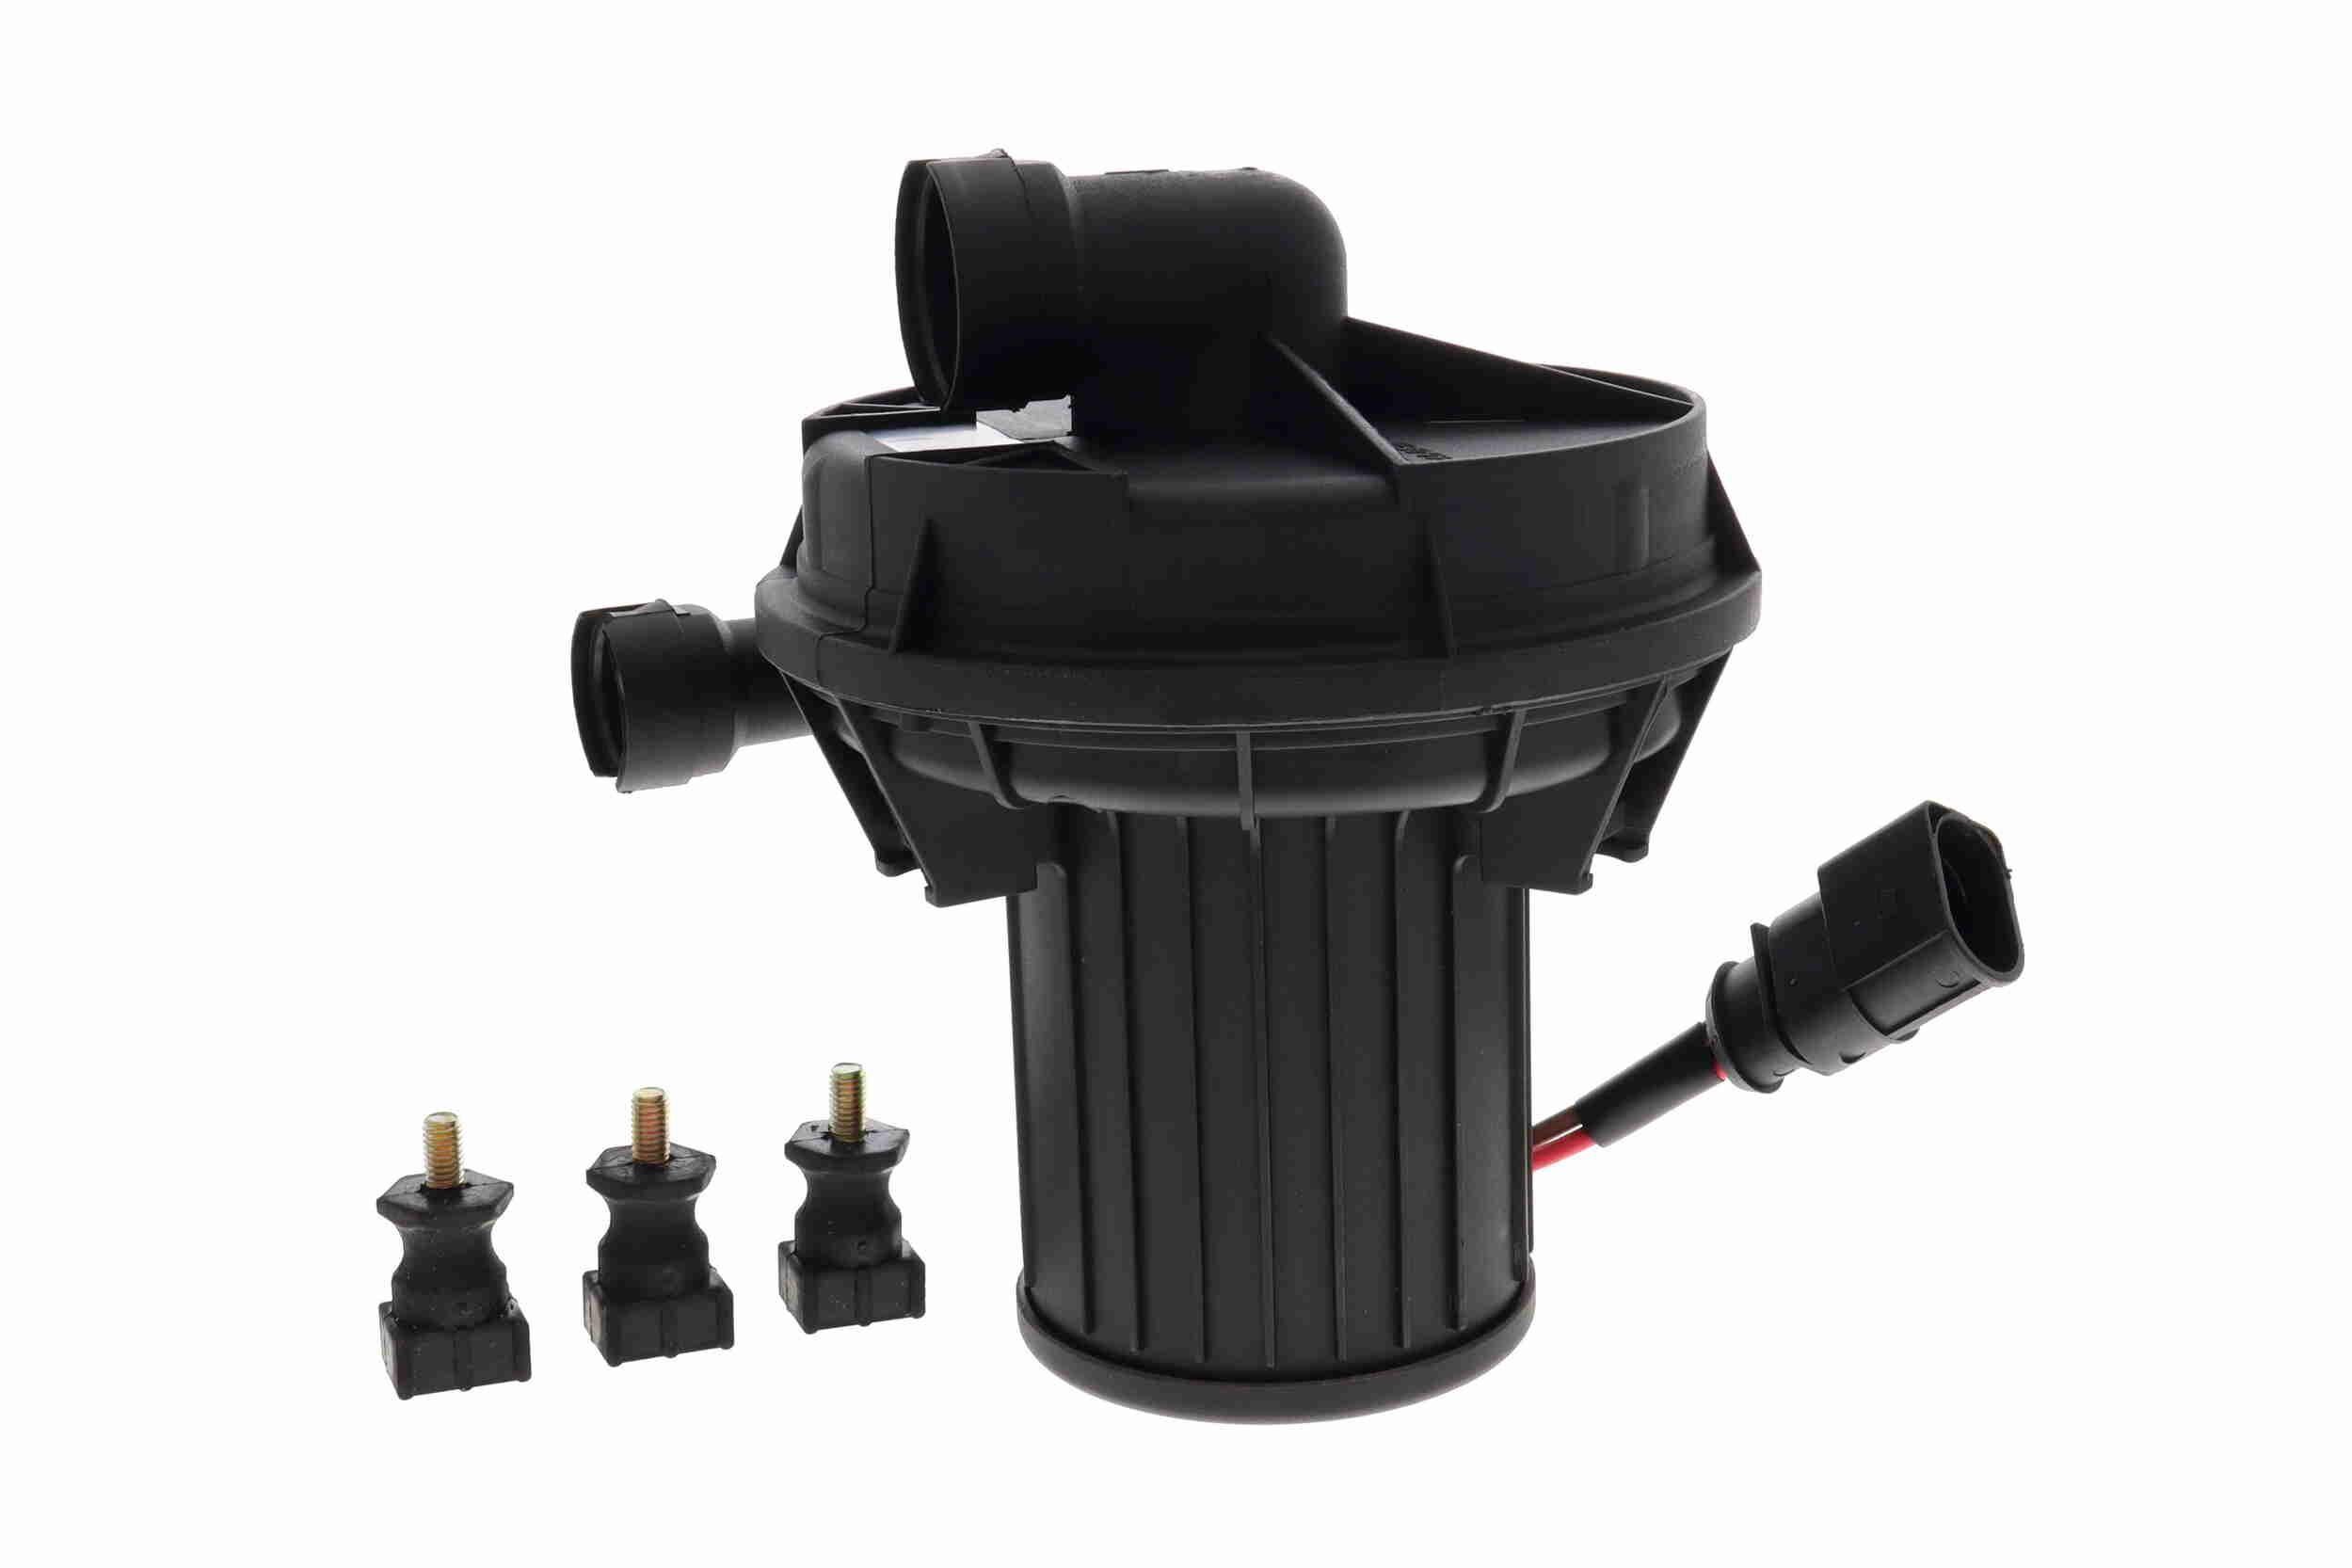 Sekundärluftpumpe V10-63-0057 VEMO V10-63-0057 in Original Qualität